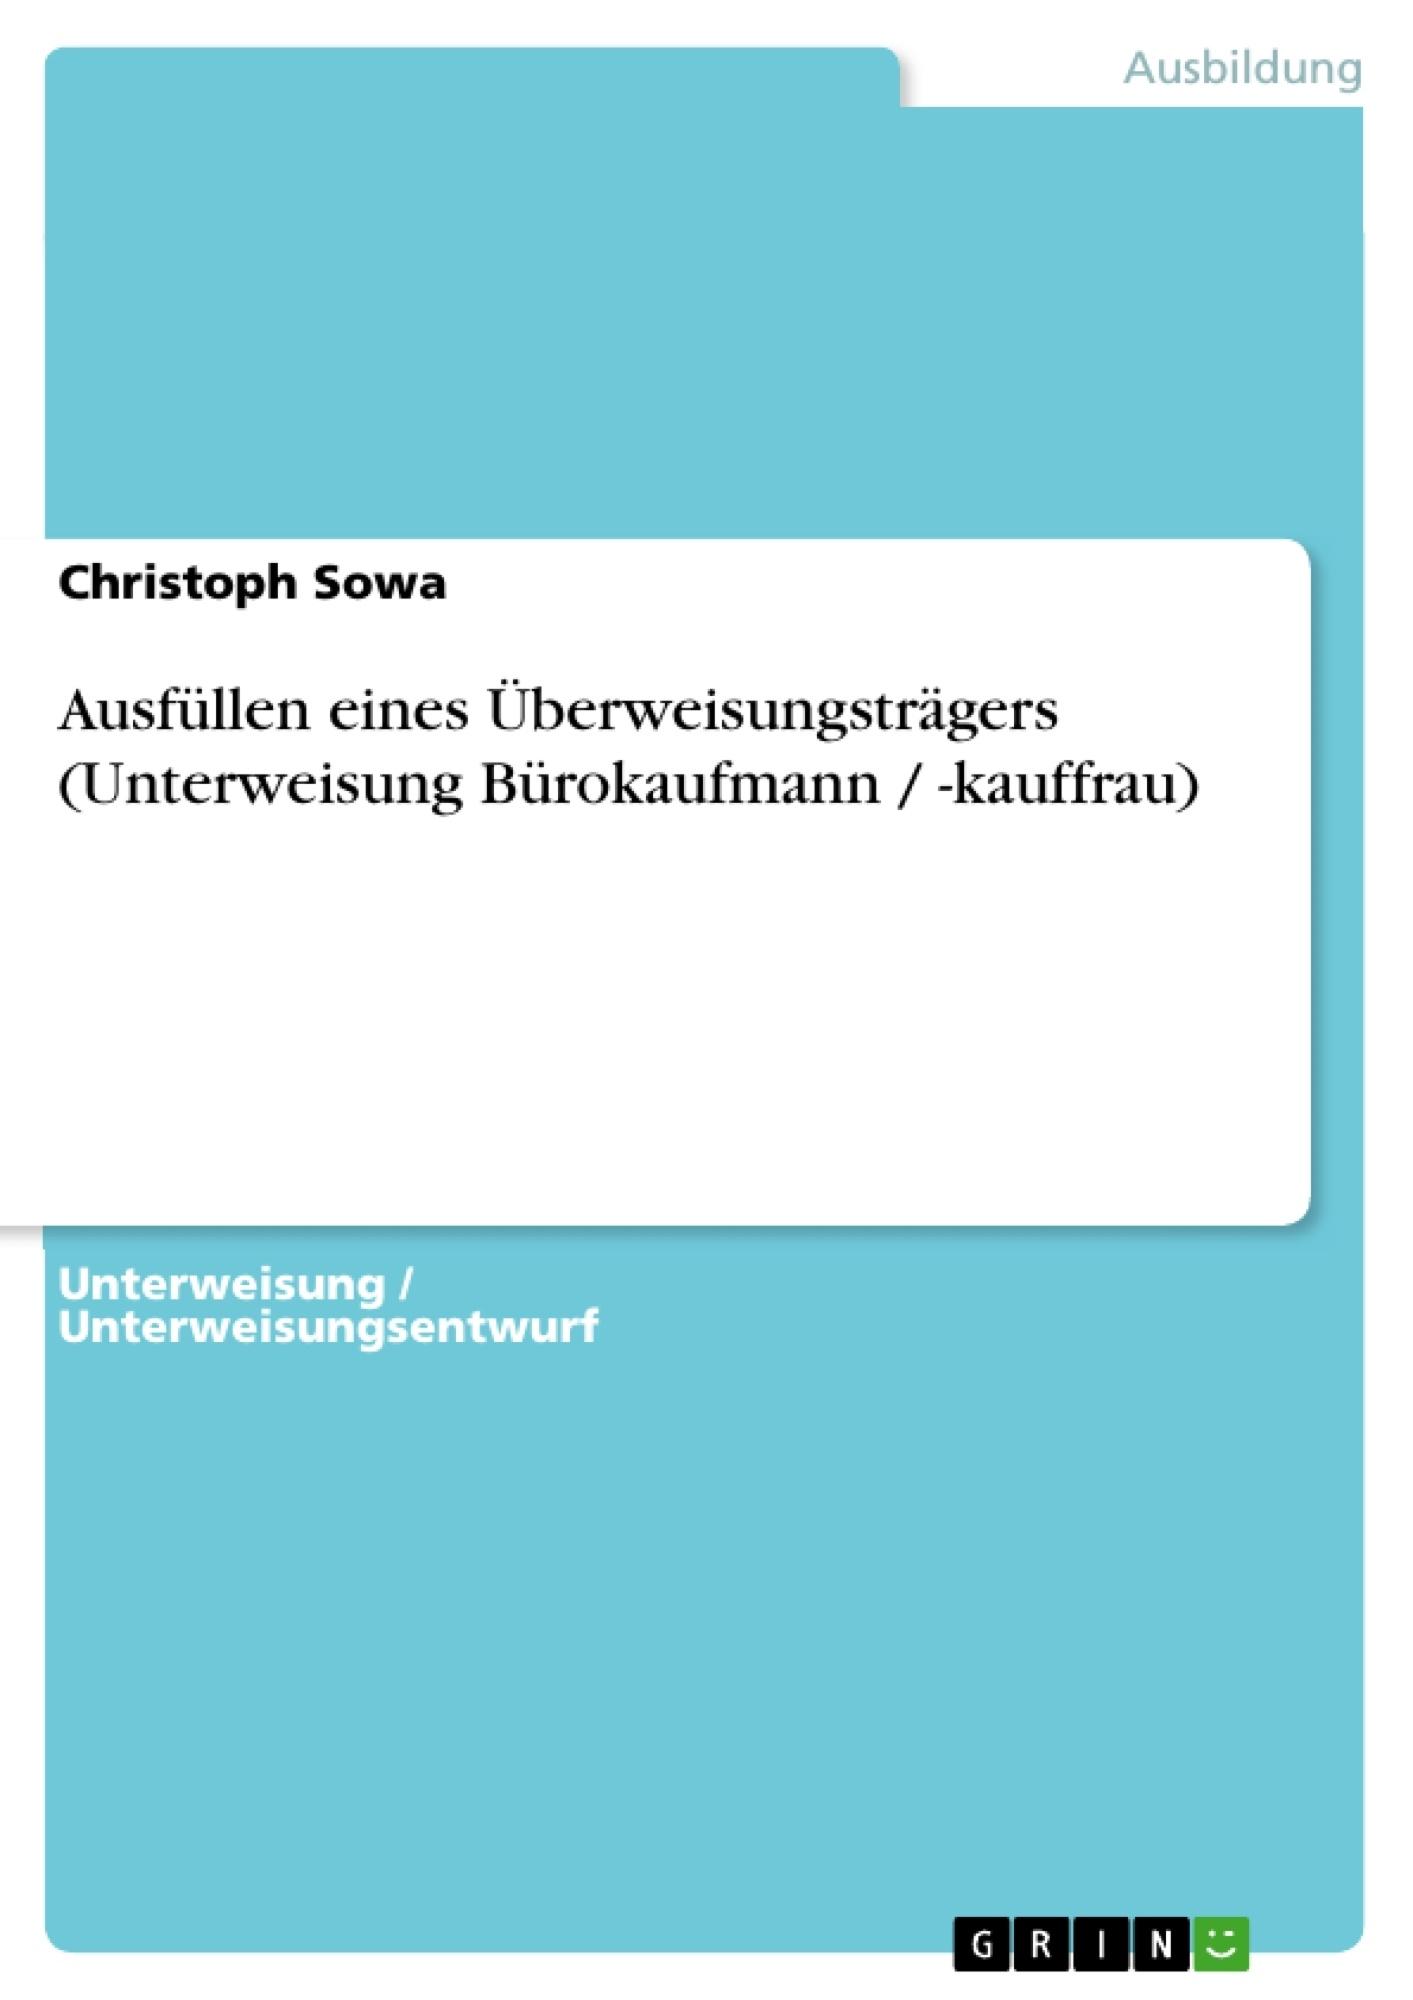 Titel: Ausfüllen eines Überweisungsträgers (Unterweisung Bürokaufmann / -kauffrau)